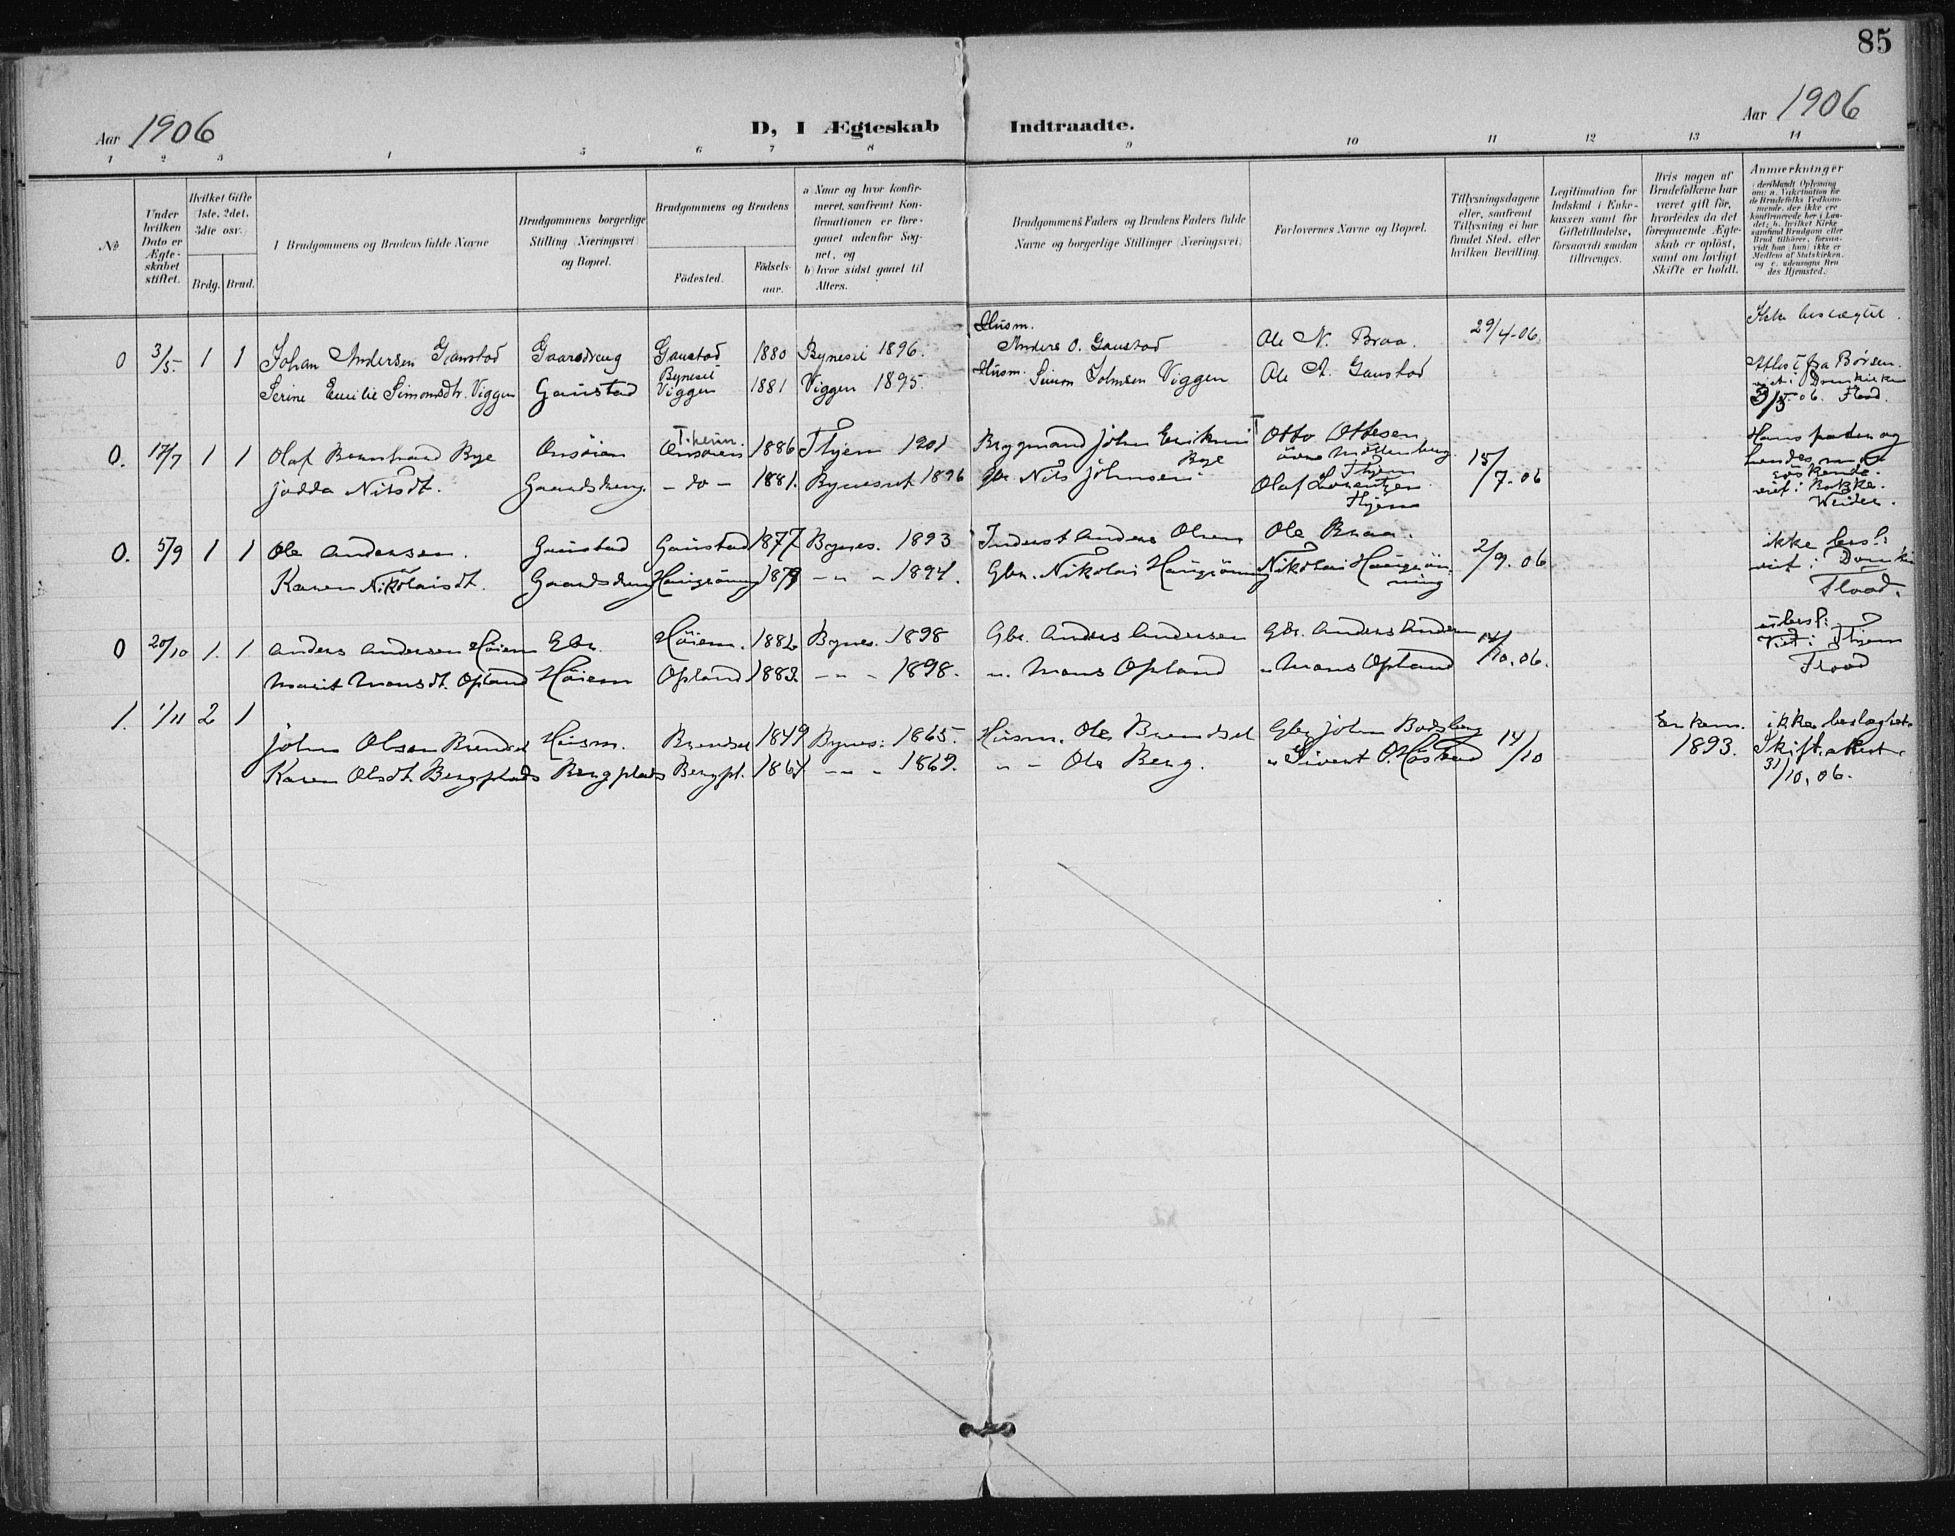 SAT, Ministerialprotokoller, klokkerbøker og fødselsregistre - Sør-Trøndelag, 612/L0380: Ministerialbok nr. 612A12, 1898-1907, s. 85